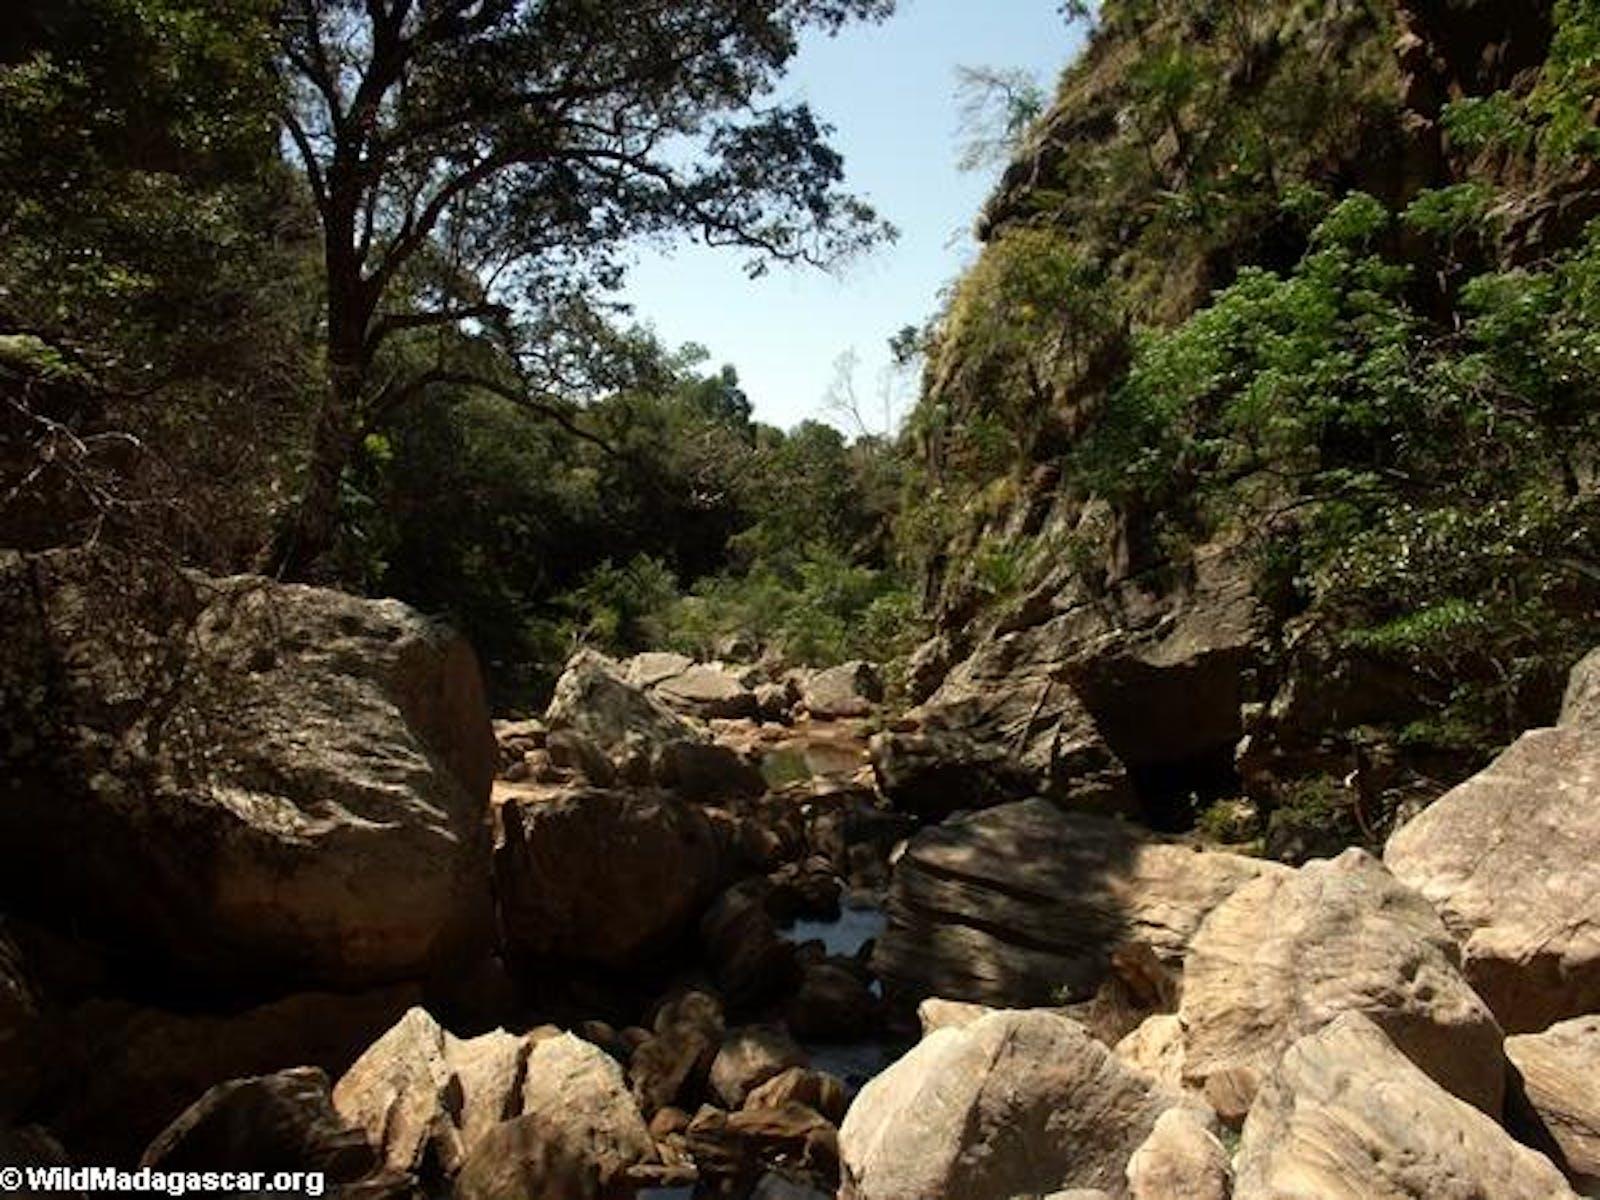 Madagascar Subhumid Forests